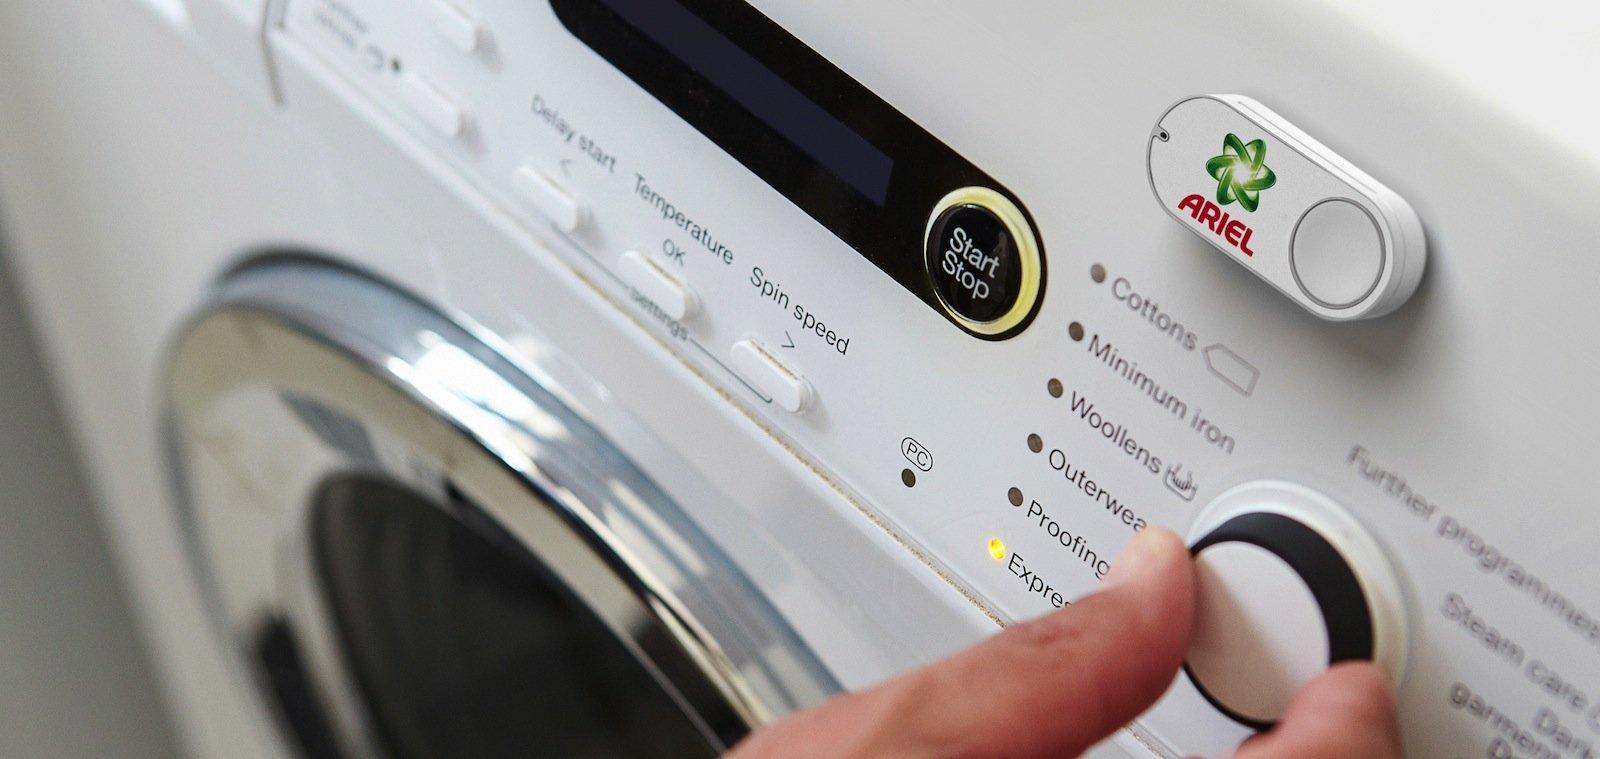 1.000 Pakete Waschmittel bestellt? Unrealistische Bestellungen, erkennt das System und löscht sie.